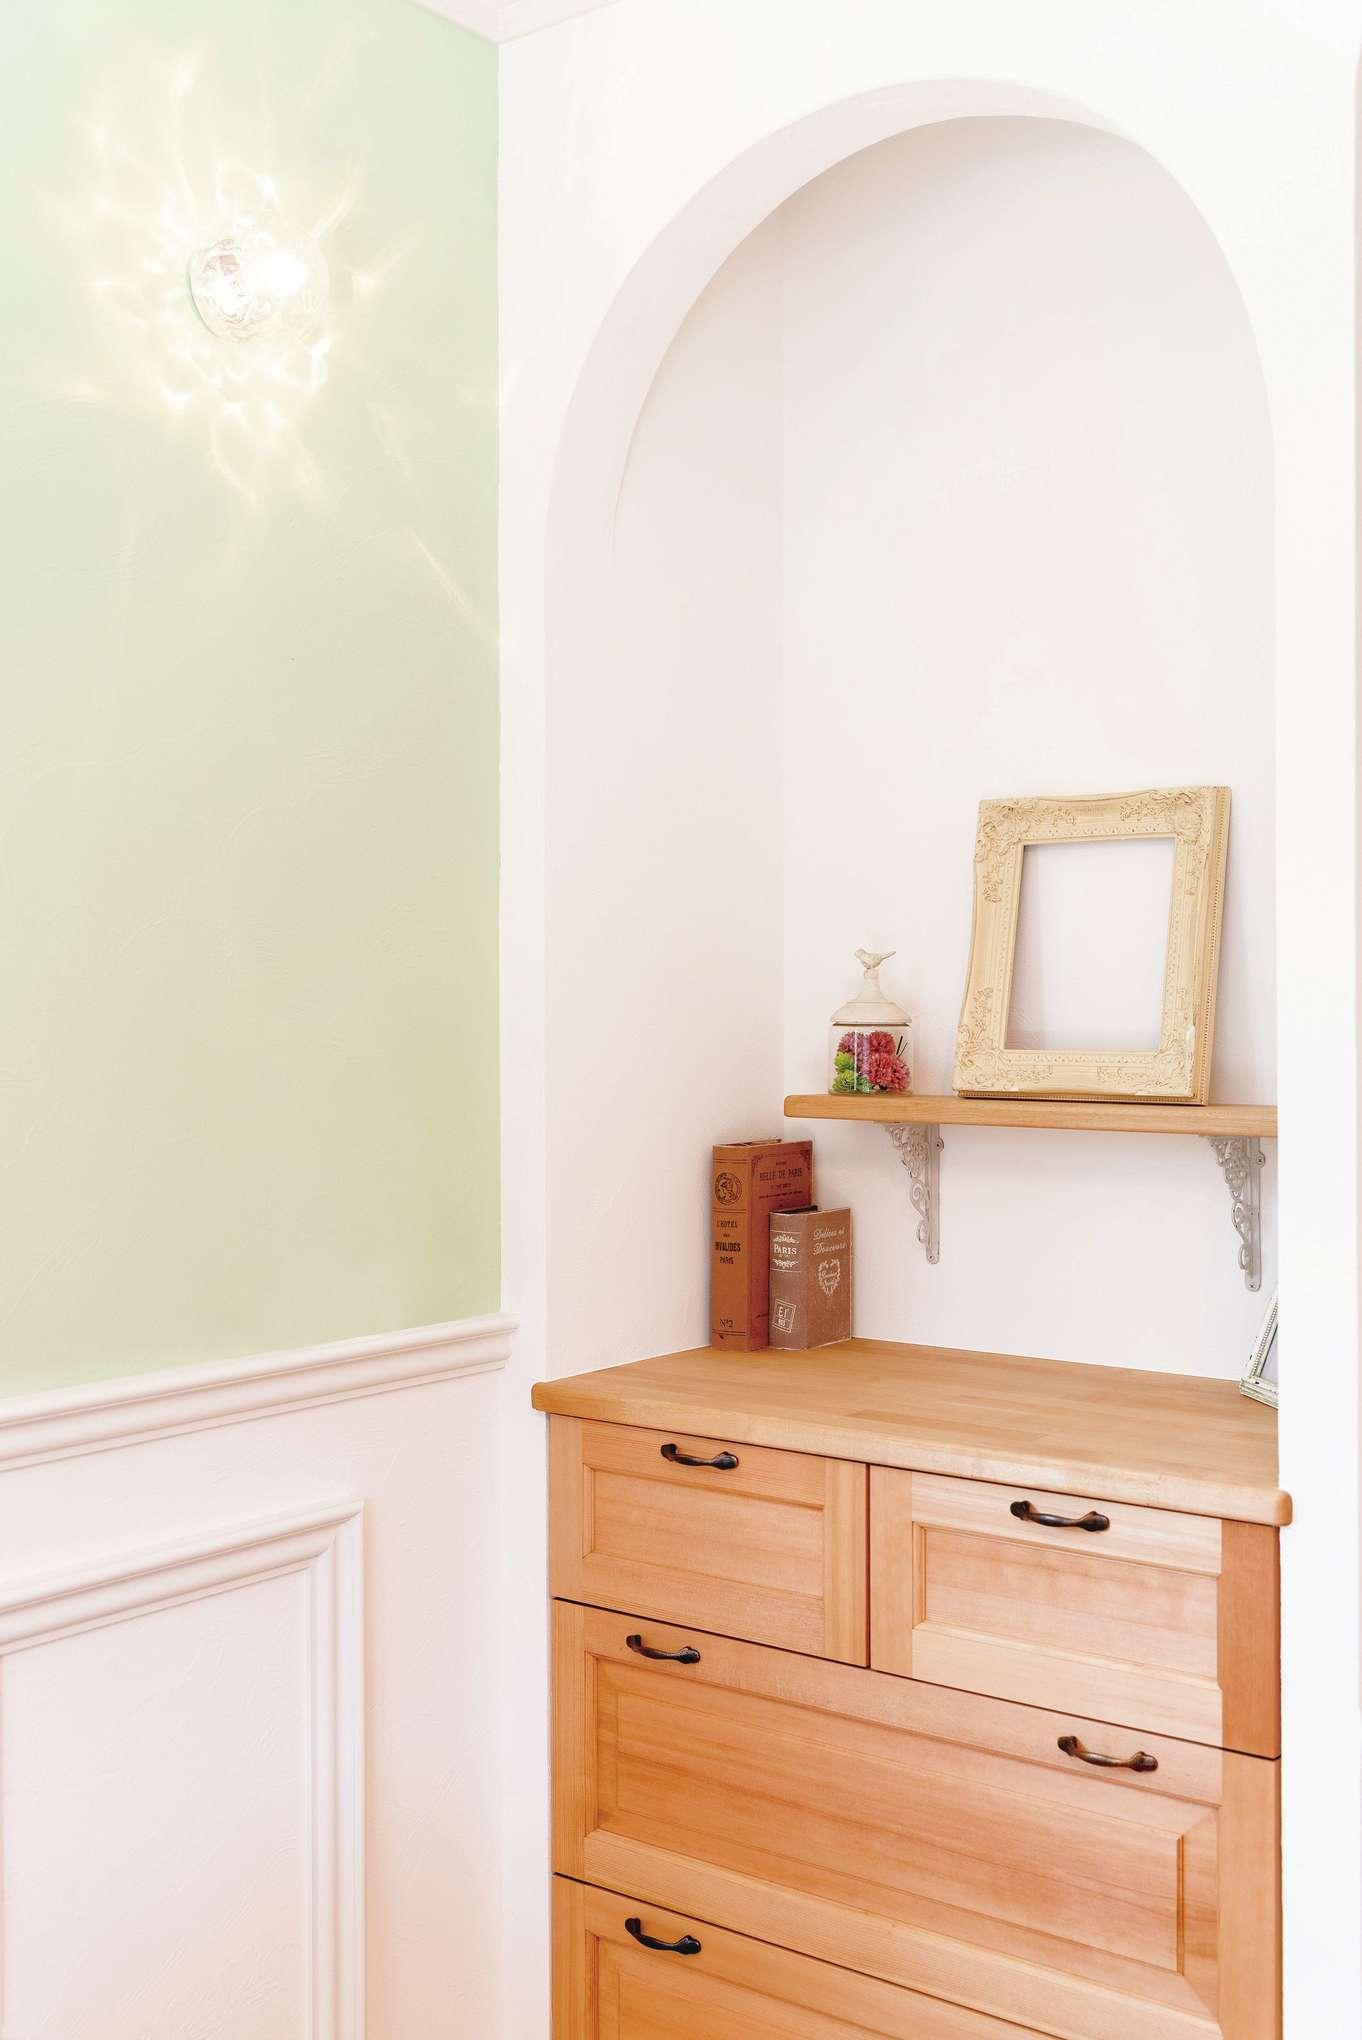 リビングの一画にはアーチの壁で収納スペースを設け、チェストを造作